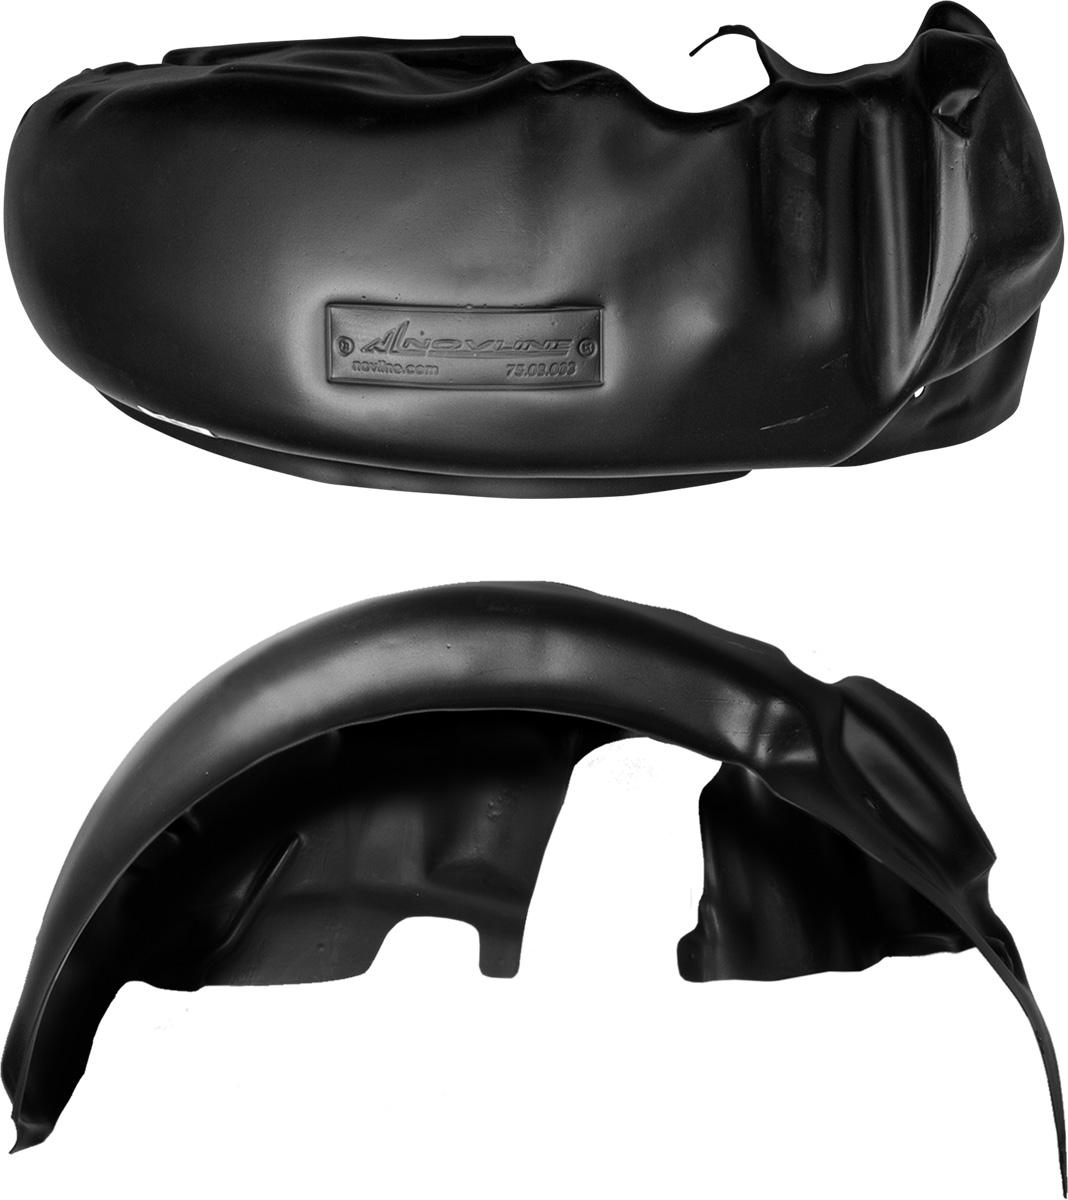 Подкрылок Novline-Autofamily, для Geely Emgrand EC7, 2011->, передний левый1004900000360Колесные ниши - одни из самых уязвимых зон днища вашего автомобиля. Они постоянно подвергаются воздействию со стороны дороги. Лучшая, почти абсолютная защита для них - специально отформованные пластиковые кожухи, которые называются подкрылками. Производятся они как для отечественных моделей автомобилей, так и для иномарок. Подкрылки Novline-Autofamily выполнены из высококачественного, экологически чистого пластика. Обеспечивают надежную защиту кузова автомобиля от пескоструйного эффекта и негативного влияния, агрессивных антигололедных реагентов. Пластик обладает более низкой теплопроводностью, чем металл, поэтому в зимний период эксплуатации использование пластиковых подкрылков позволяет лучше защитить колесные ниши от налипания снега и образования наледи. Оригинальность конструкции подчеркивает элегантность автомобиля, бережно защищает нанесенное на днище кузова антикоррозийное покрытие и позволяет осуществить крепление подкрылков внутри колесной арки практически без дополнительного крепежа и сверления, не нарушая при этом лакокрасочного покрытия, что предотвращает возникновение новых очагов коррозии. Подкрылки долговечны, обладают высокой прочностью и сохраняют заданную форму, а также все свои физико-механические характеристики в самых тяжелых климатических условиях (от -50°С до +50°С).Уважаемые клиенты!Обращаем ваше внимание, на тот факт, что подкрылок имеет форму, соответствующую модели данного автомобиля. Фото служит для визуального восприятия товара.